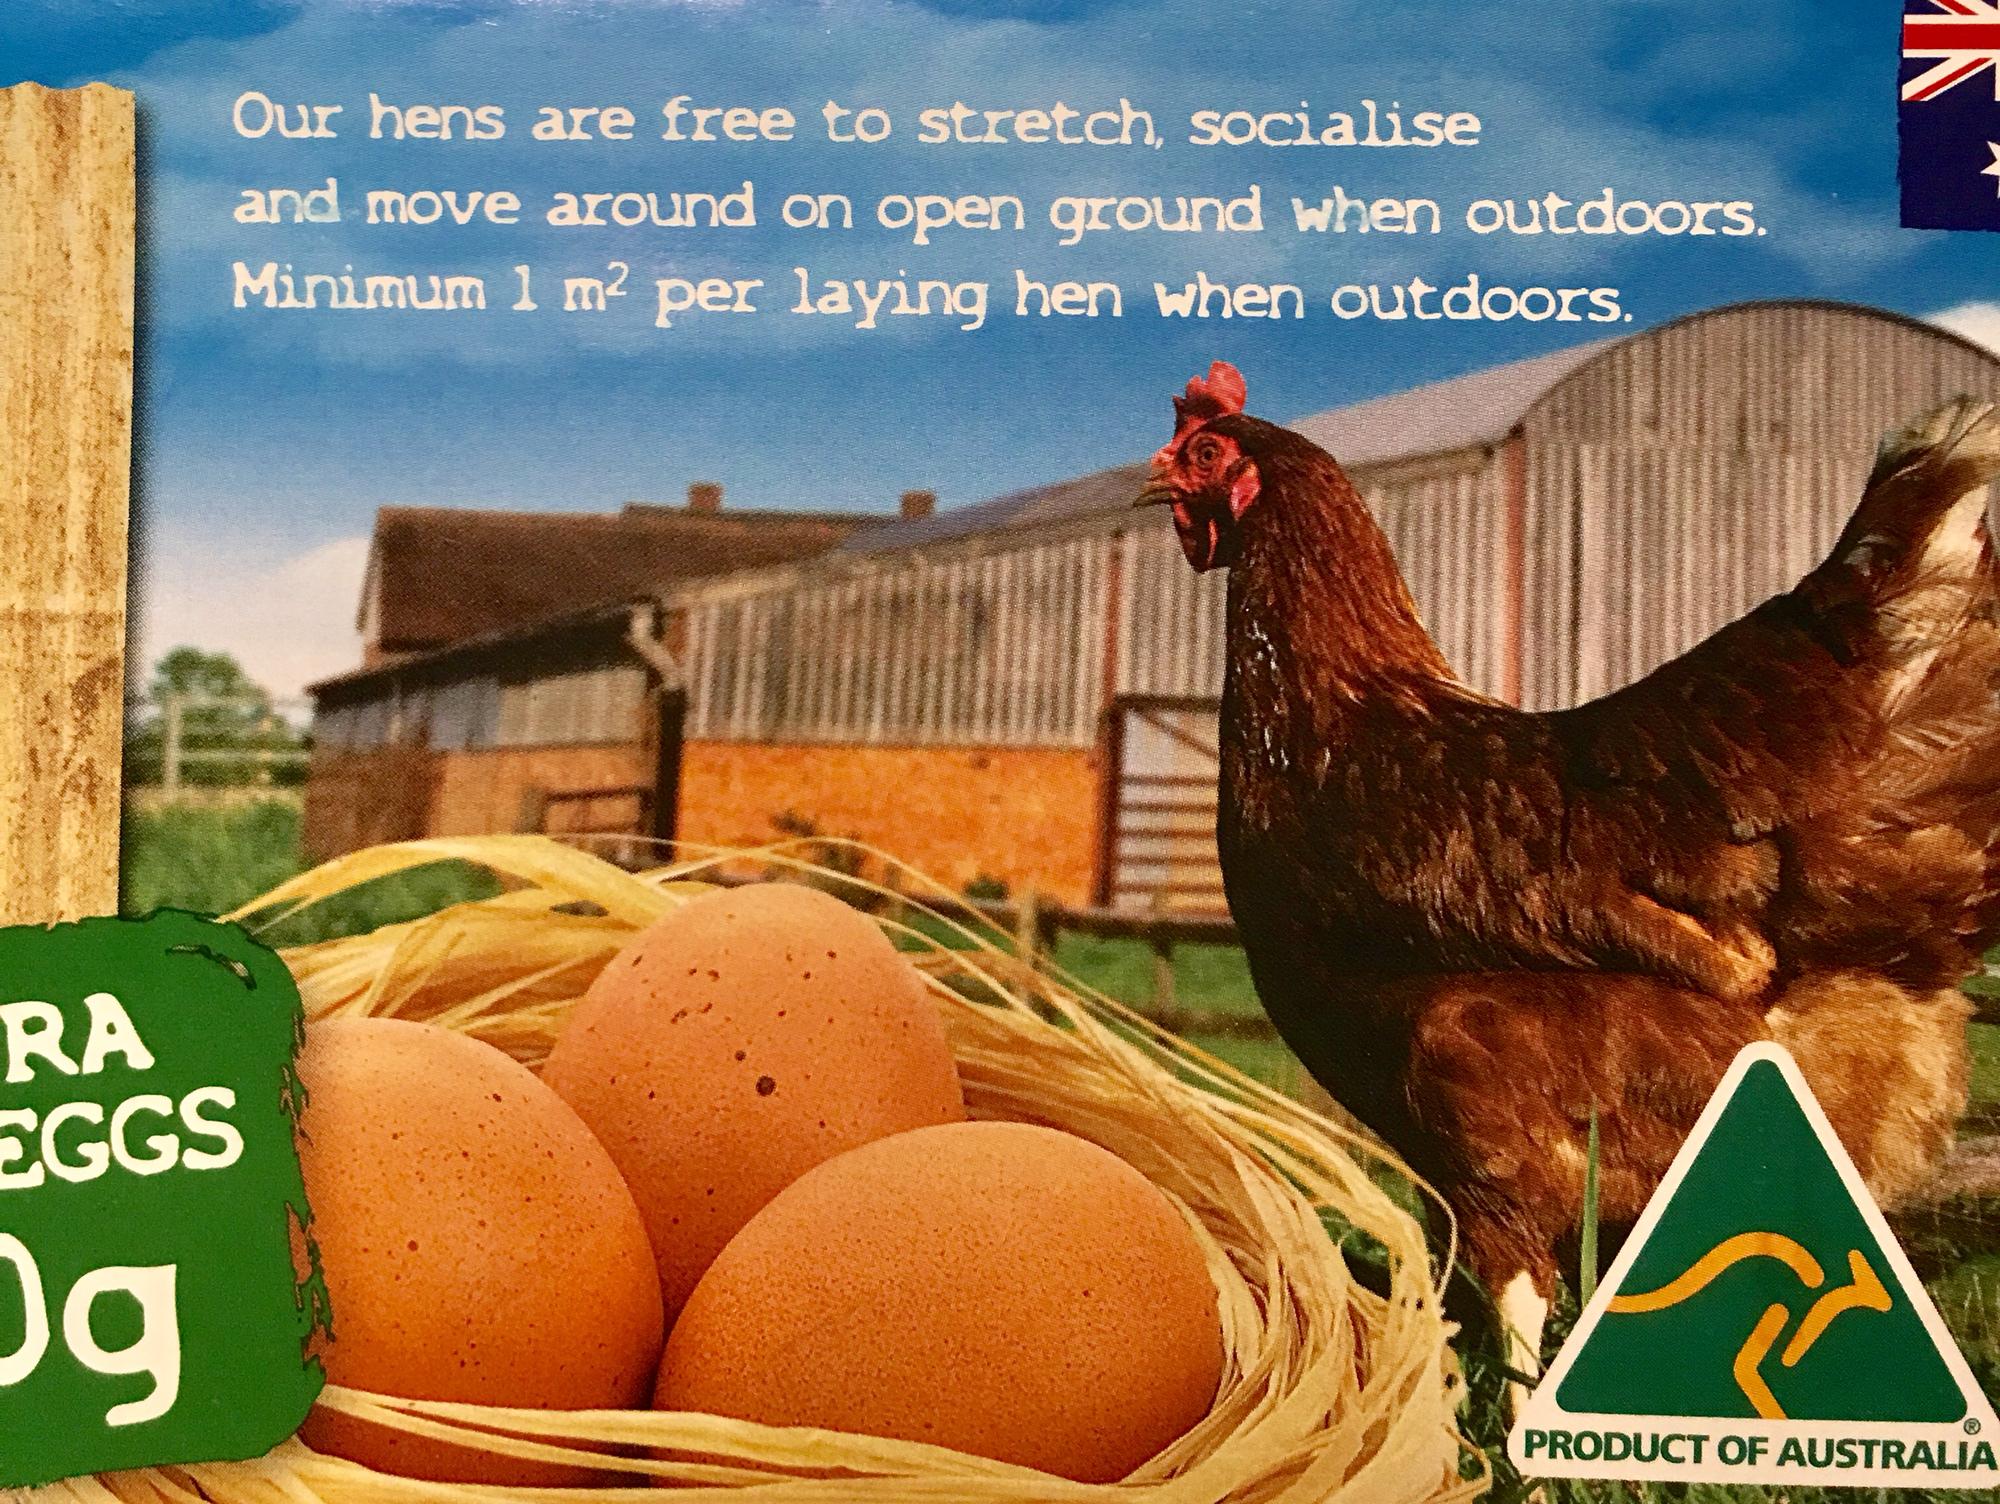 닭한마리당 1제곱미터